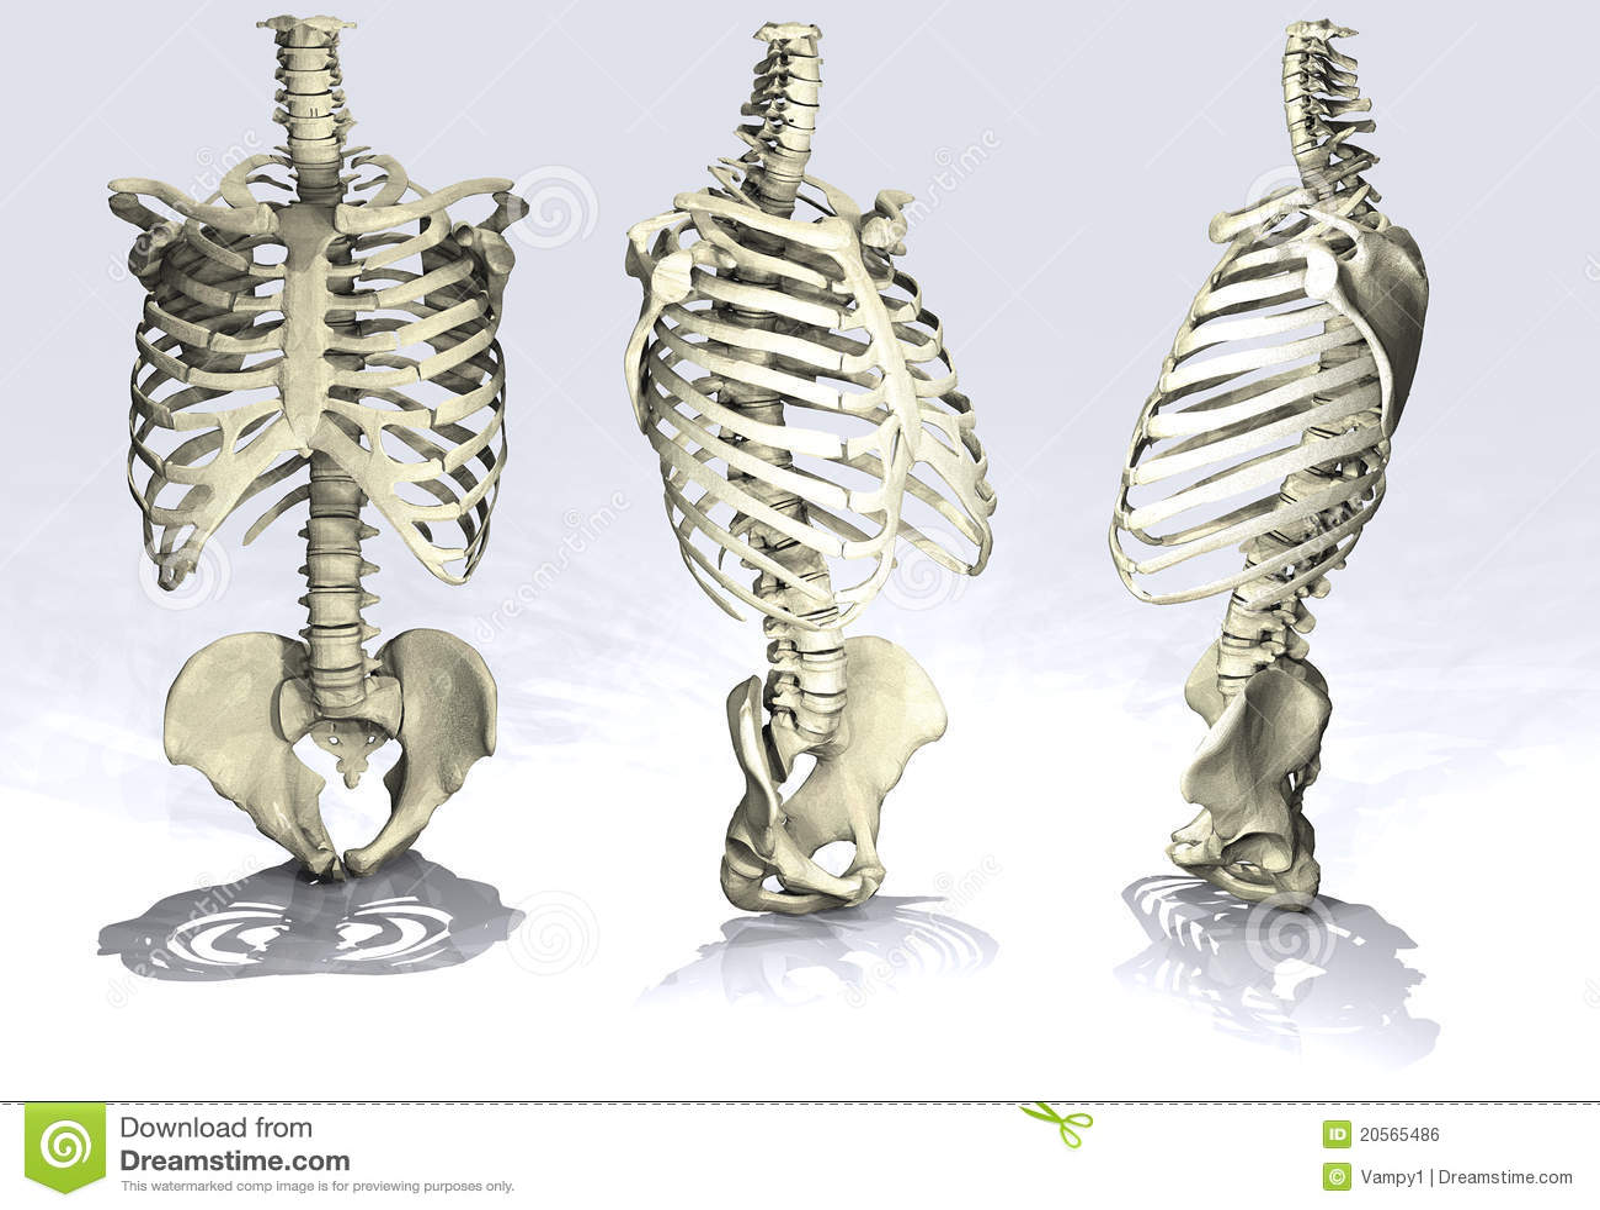 rib cage royalty free stock image - image: 20565486, Skeleton